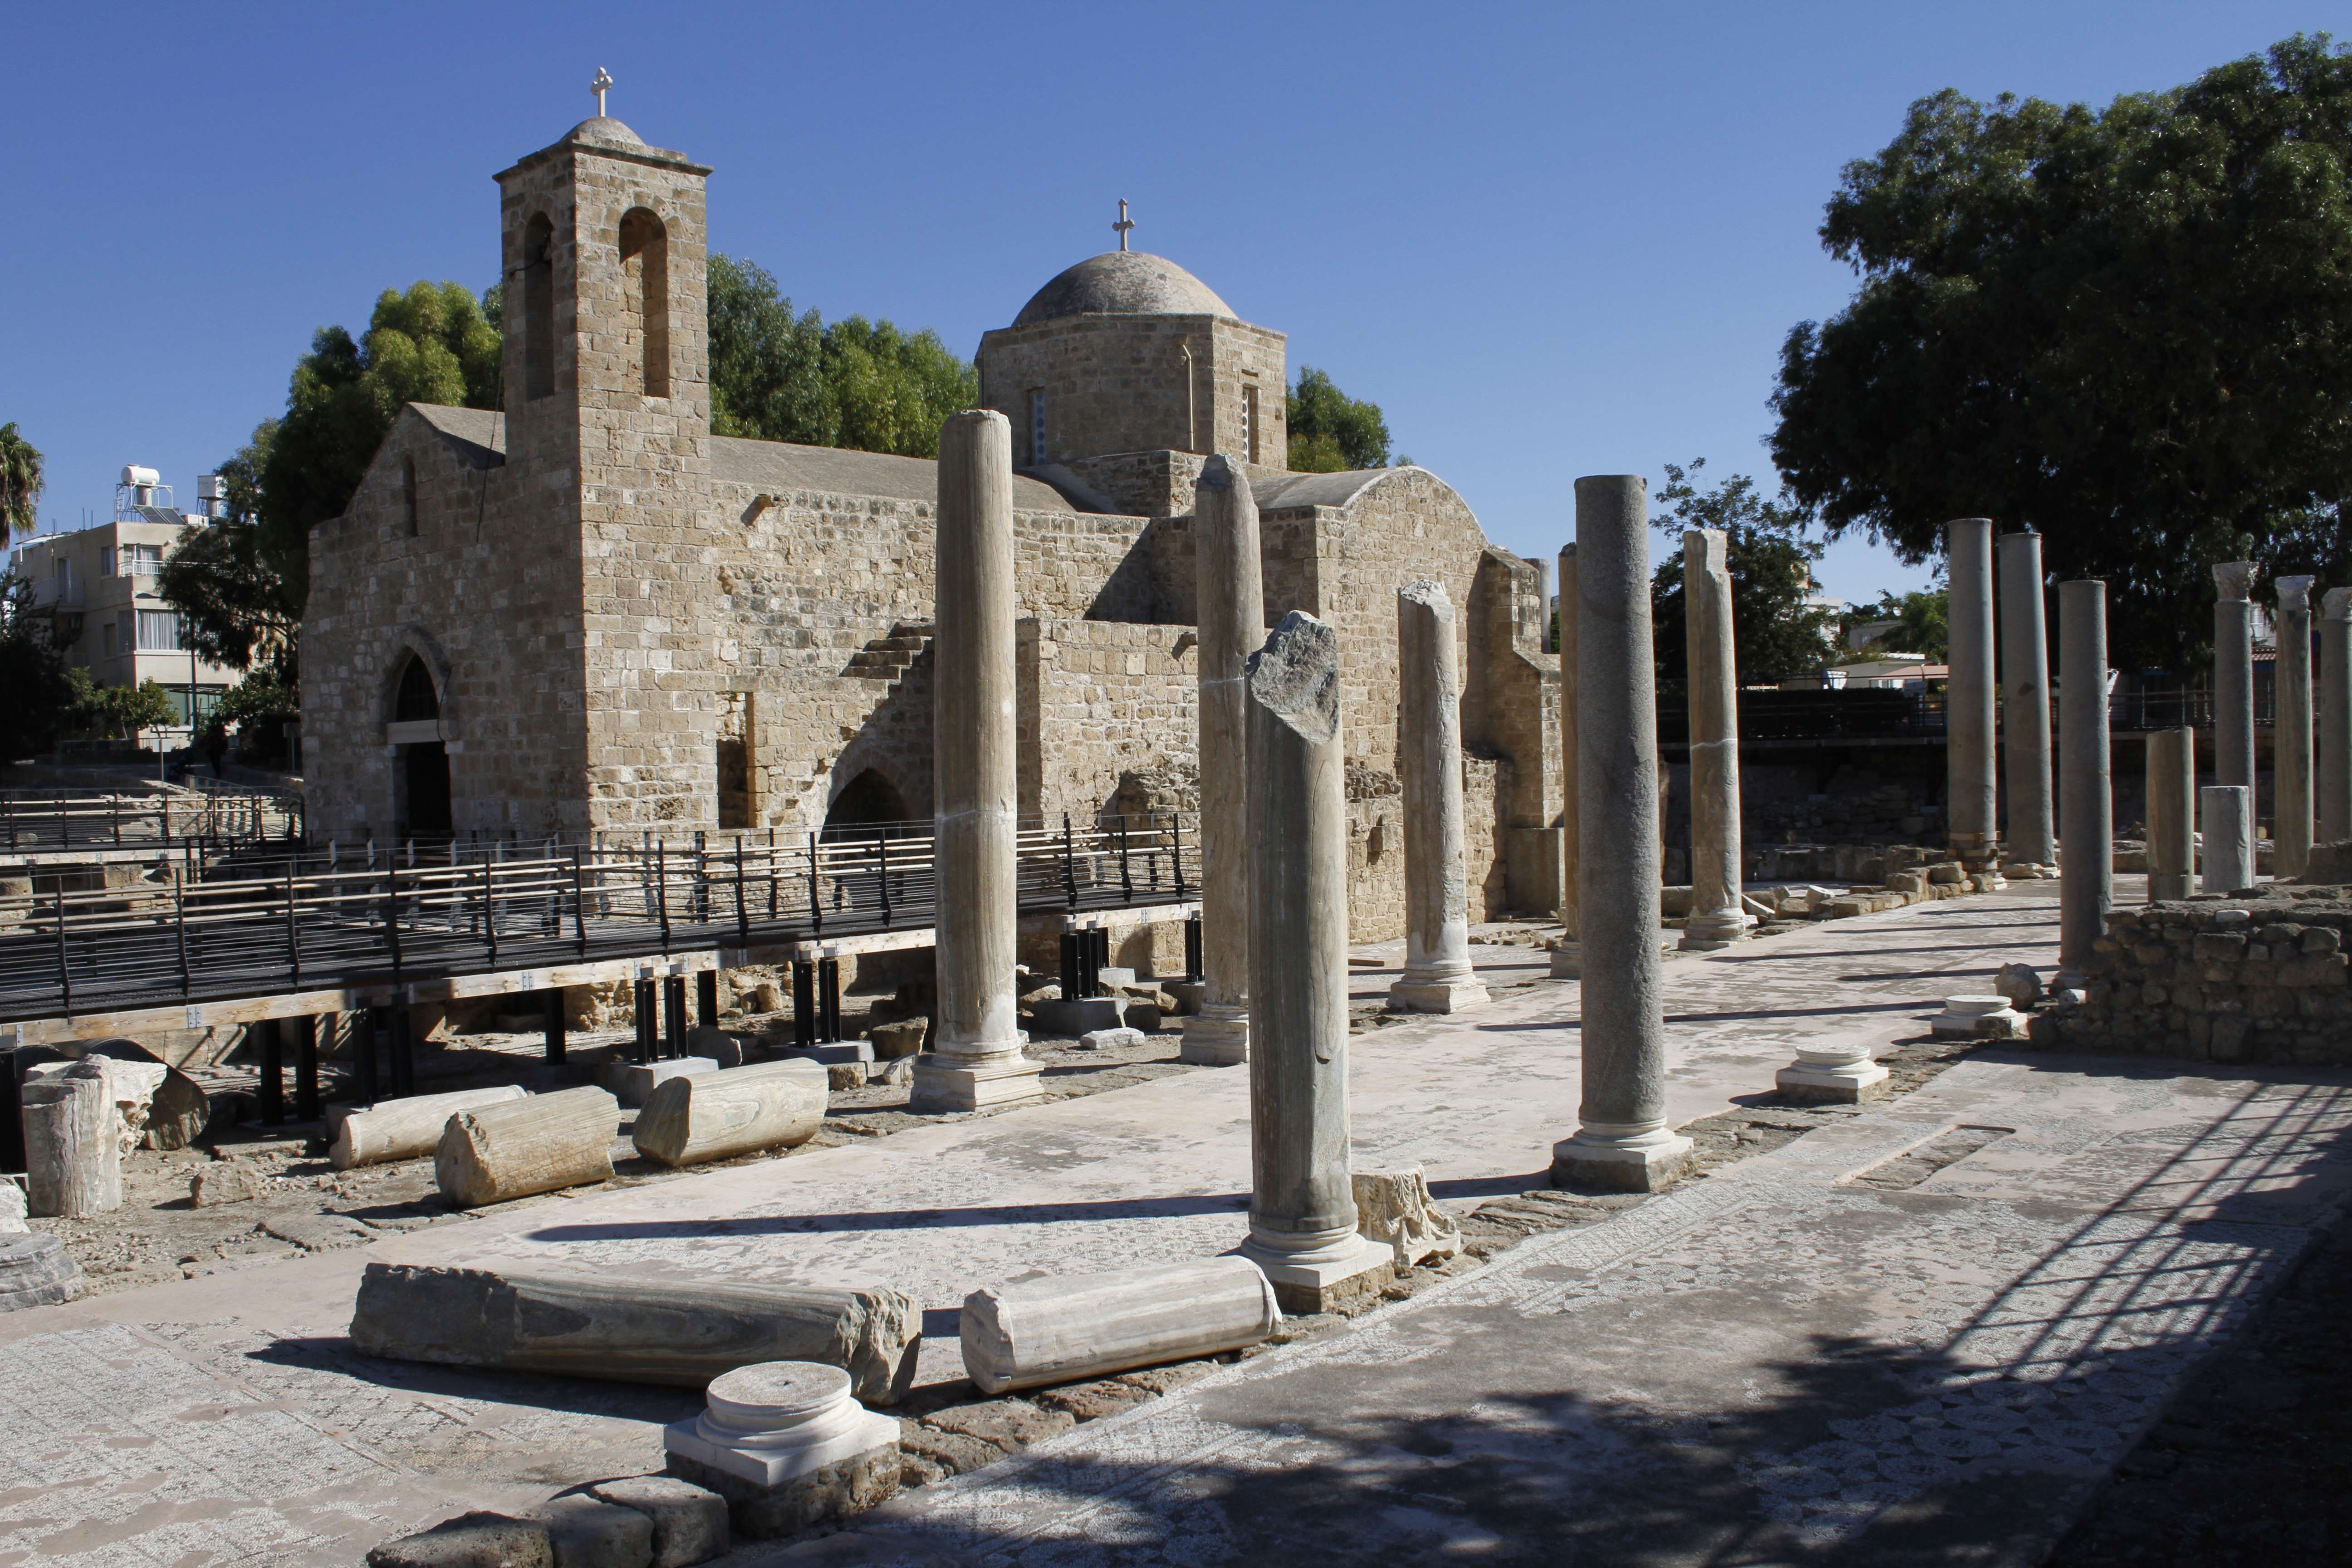 Chypre_0178 Paphos basilique Agia Kyriaki et eglise Panagia Chrysopolitisa